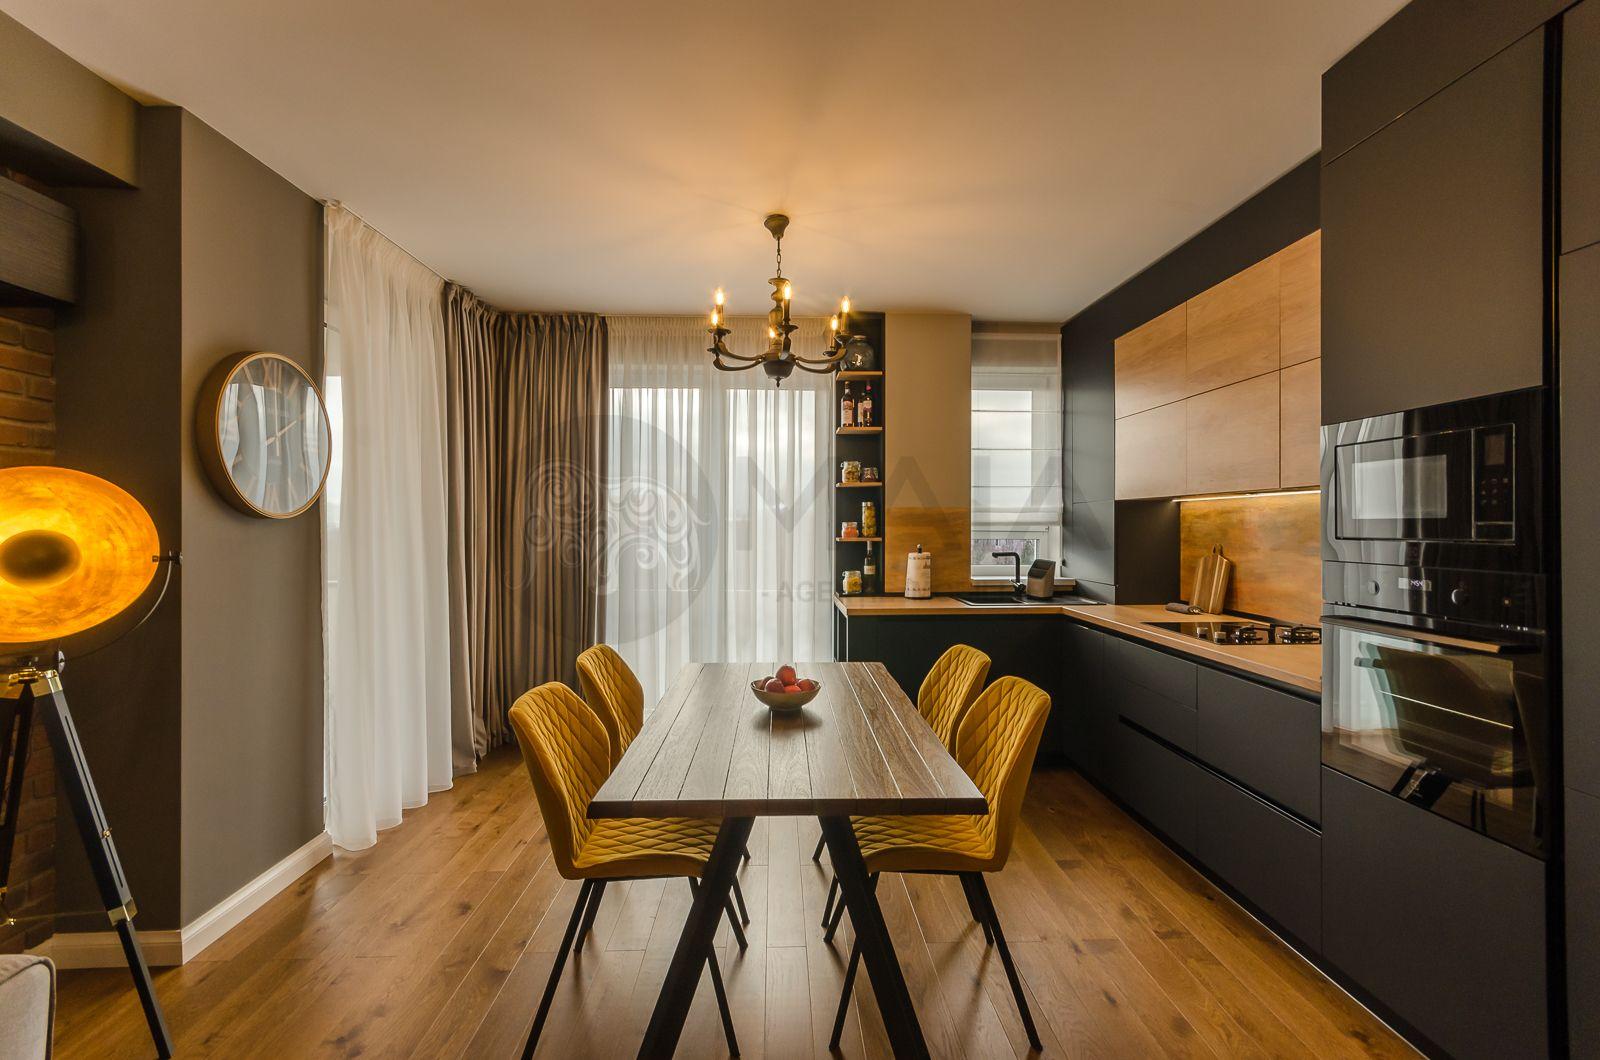 Apartament 3 camere, mobilat de lux, totul nou, terasa, garaj, Central